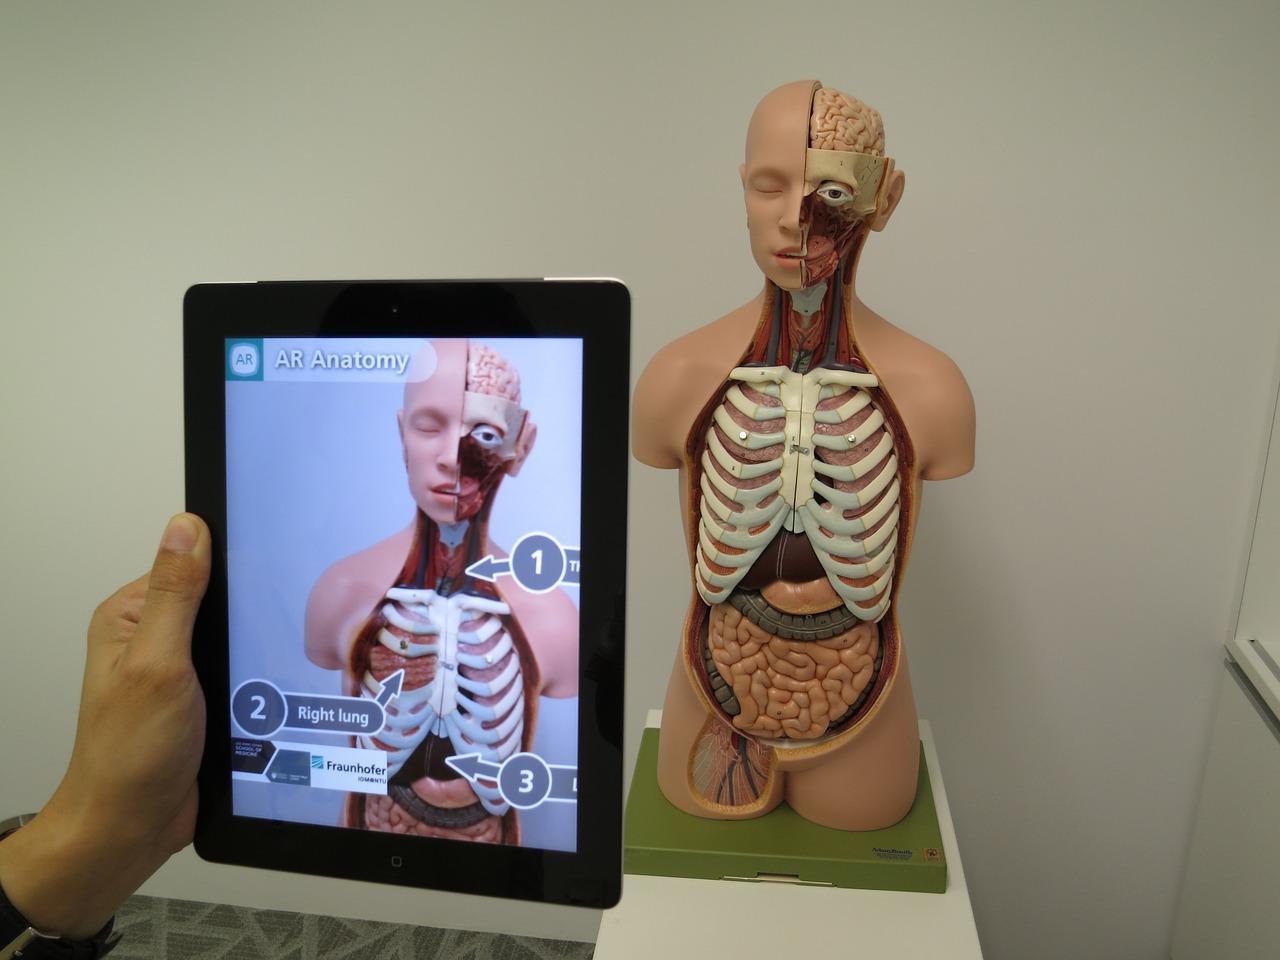 Benutzung Augmented Reality App auf einem Tablett zum Untersuchen eines Anatomie-Modells des Menschen